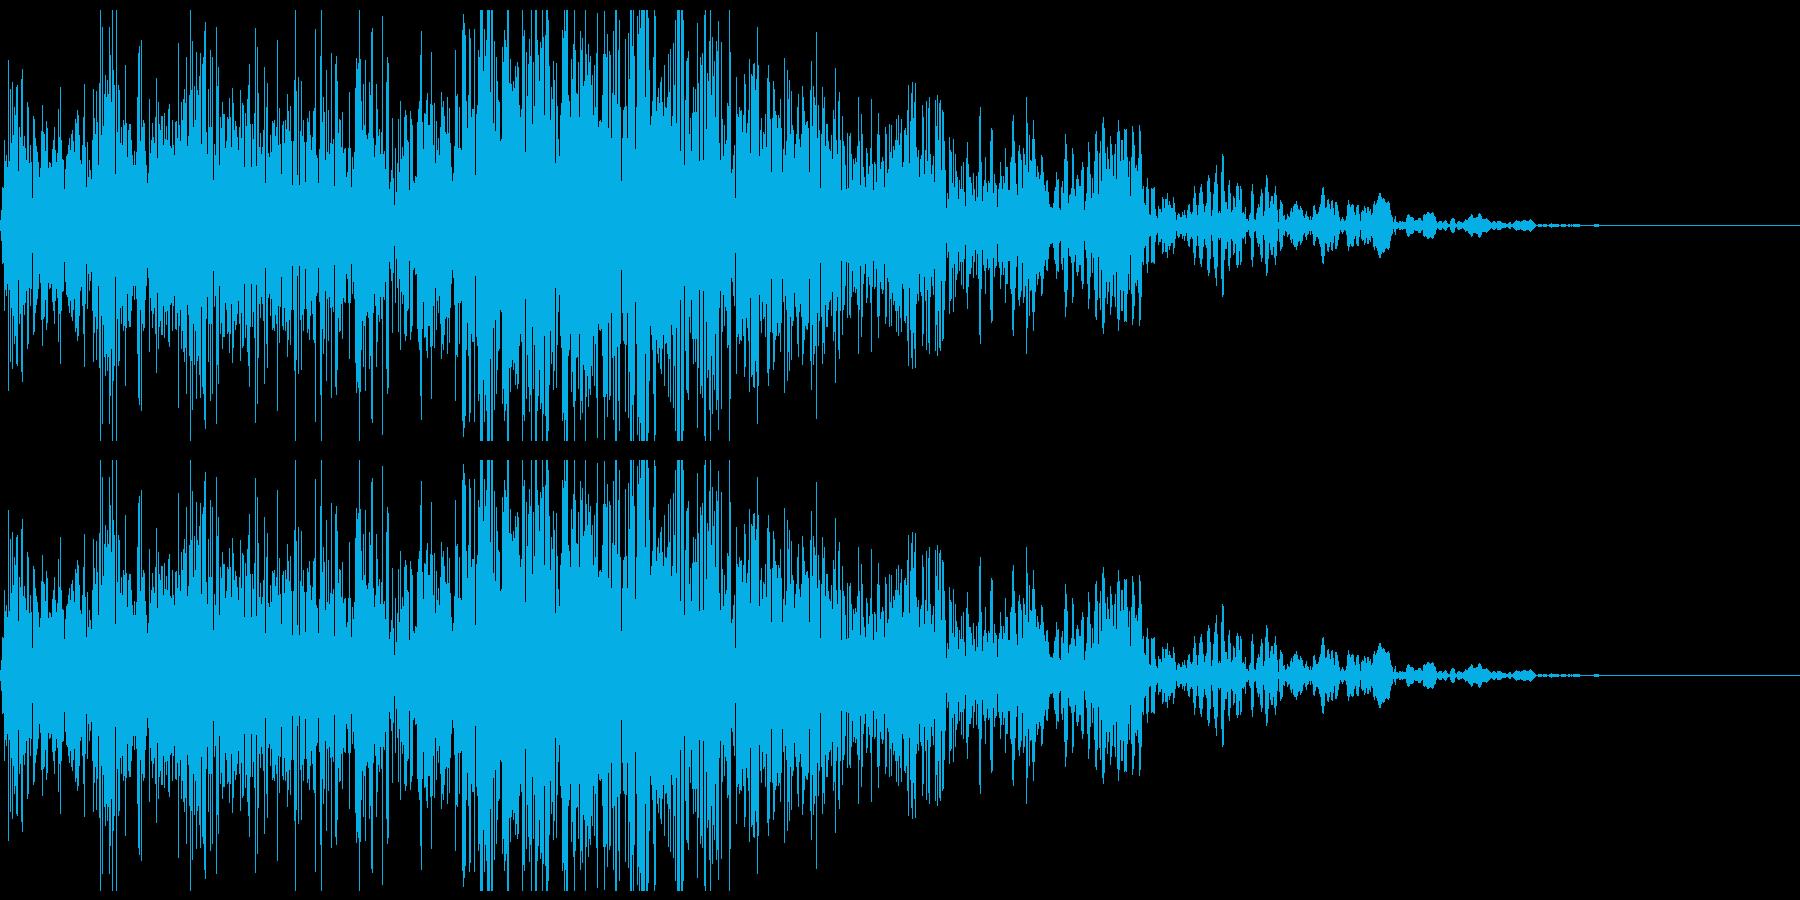 メカ挙動音、衝撃音の再生済みの波形